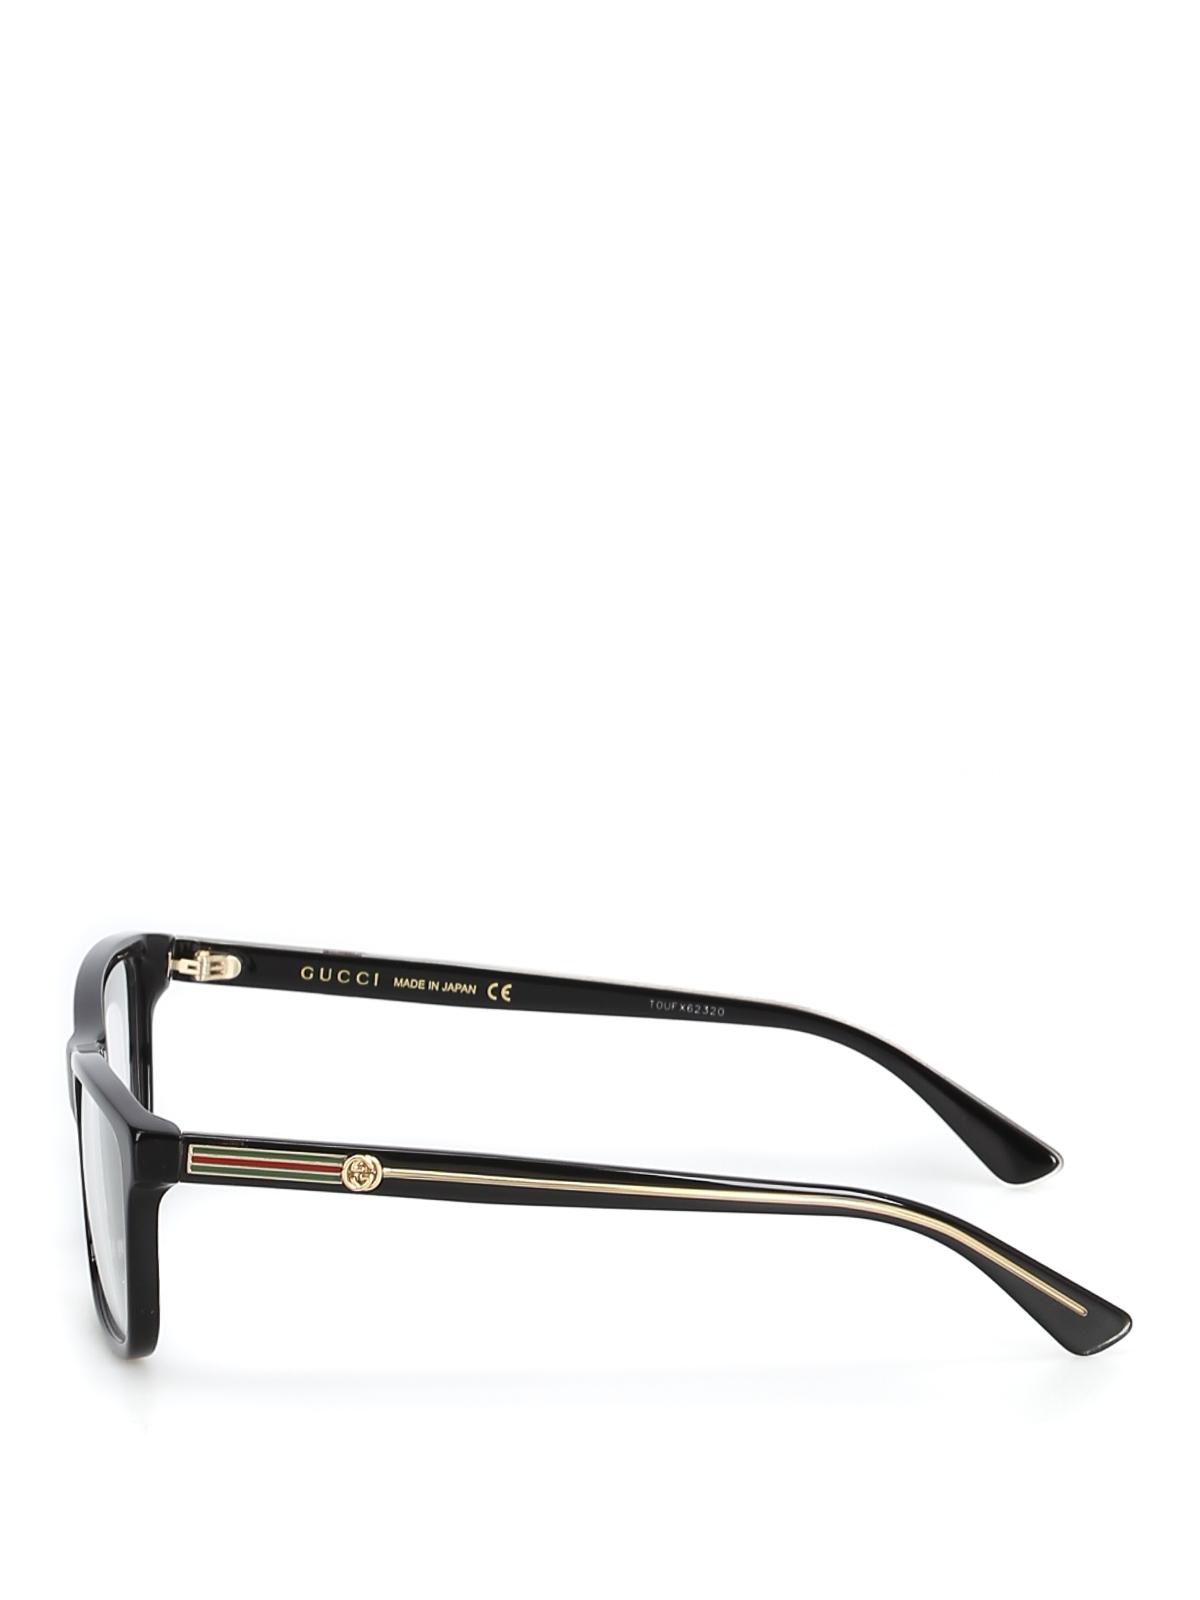 336baf44a02d3 GUCCI  Glasses online - Acetate black eyeglasses with golden details